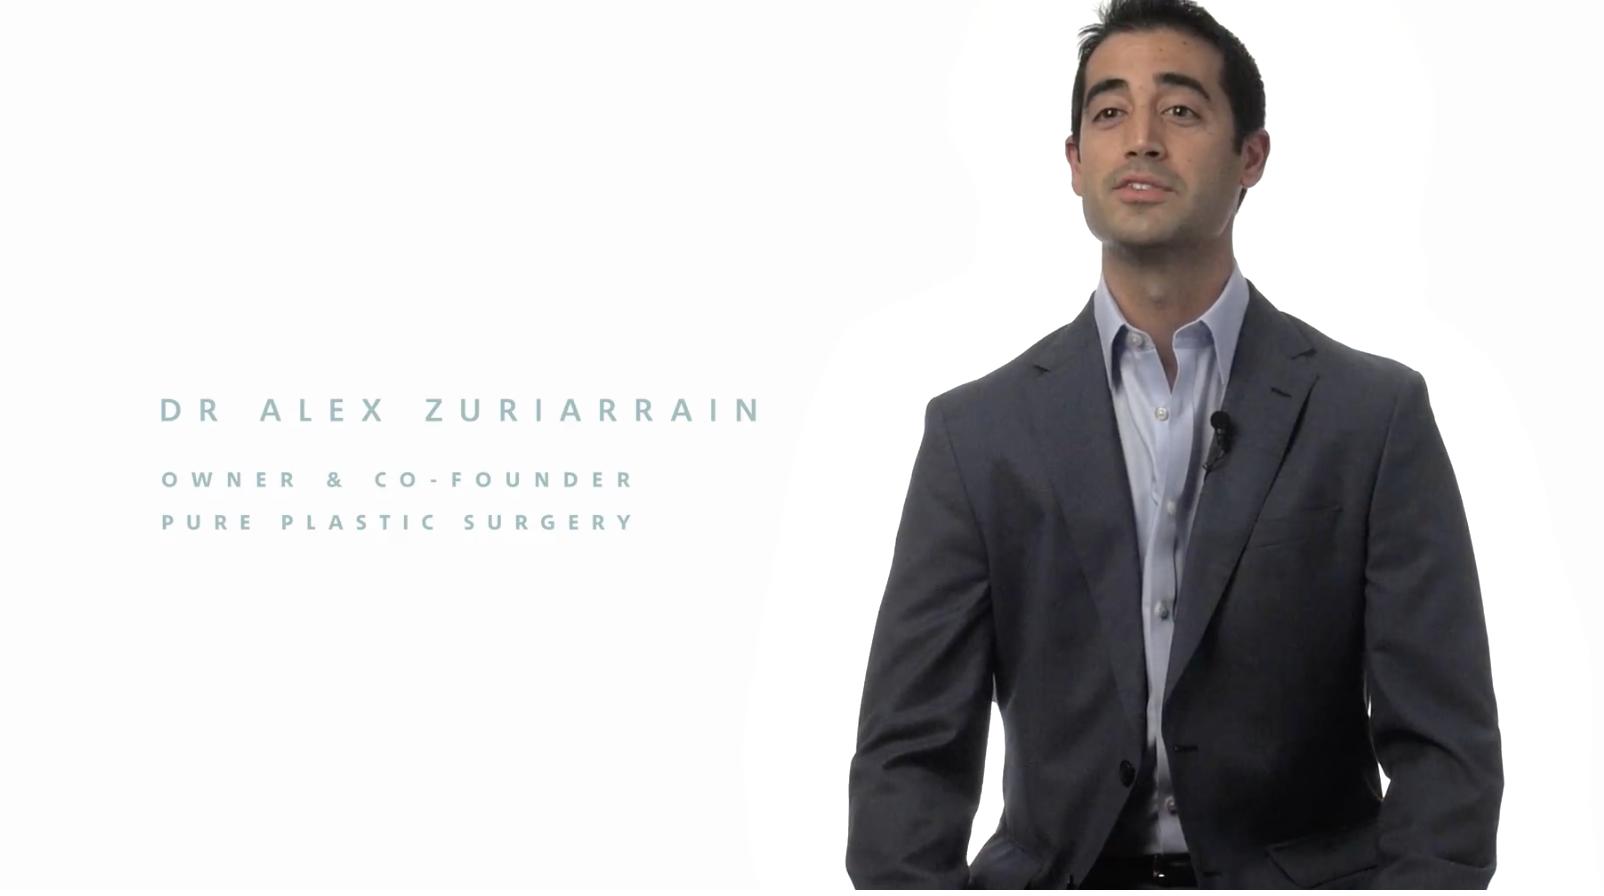 Dr Alex Zuriarrain Bio